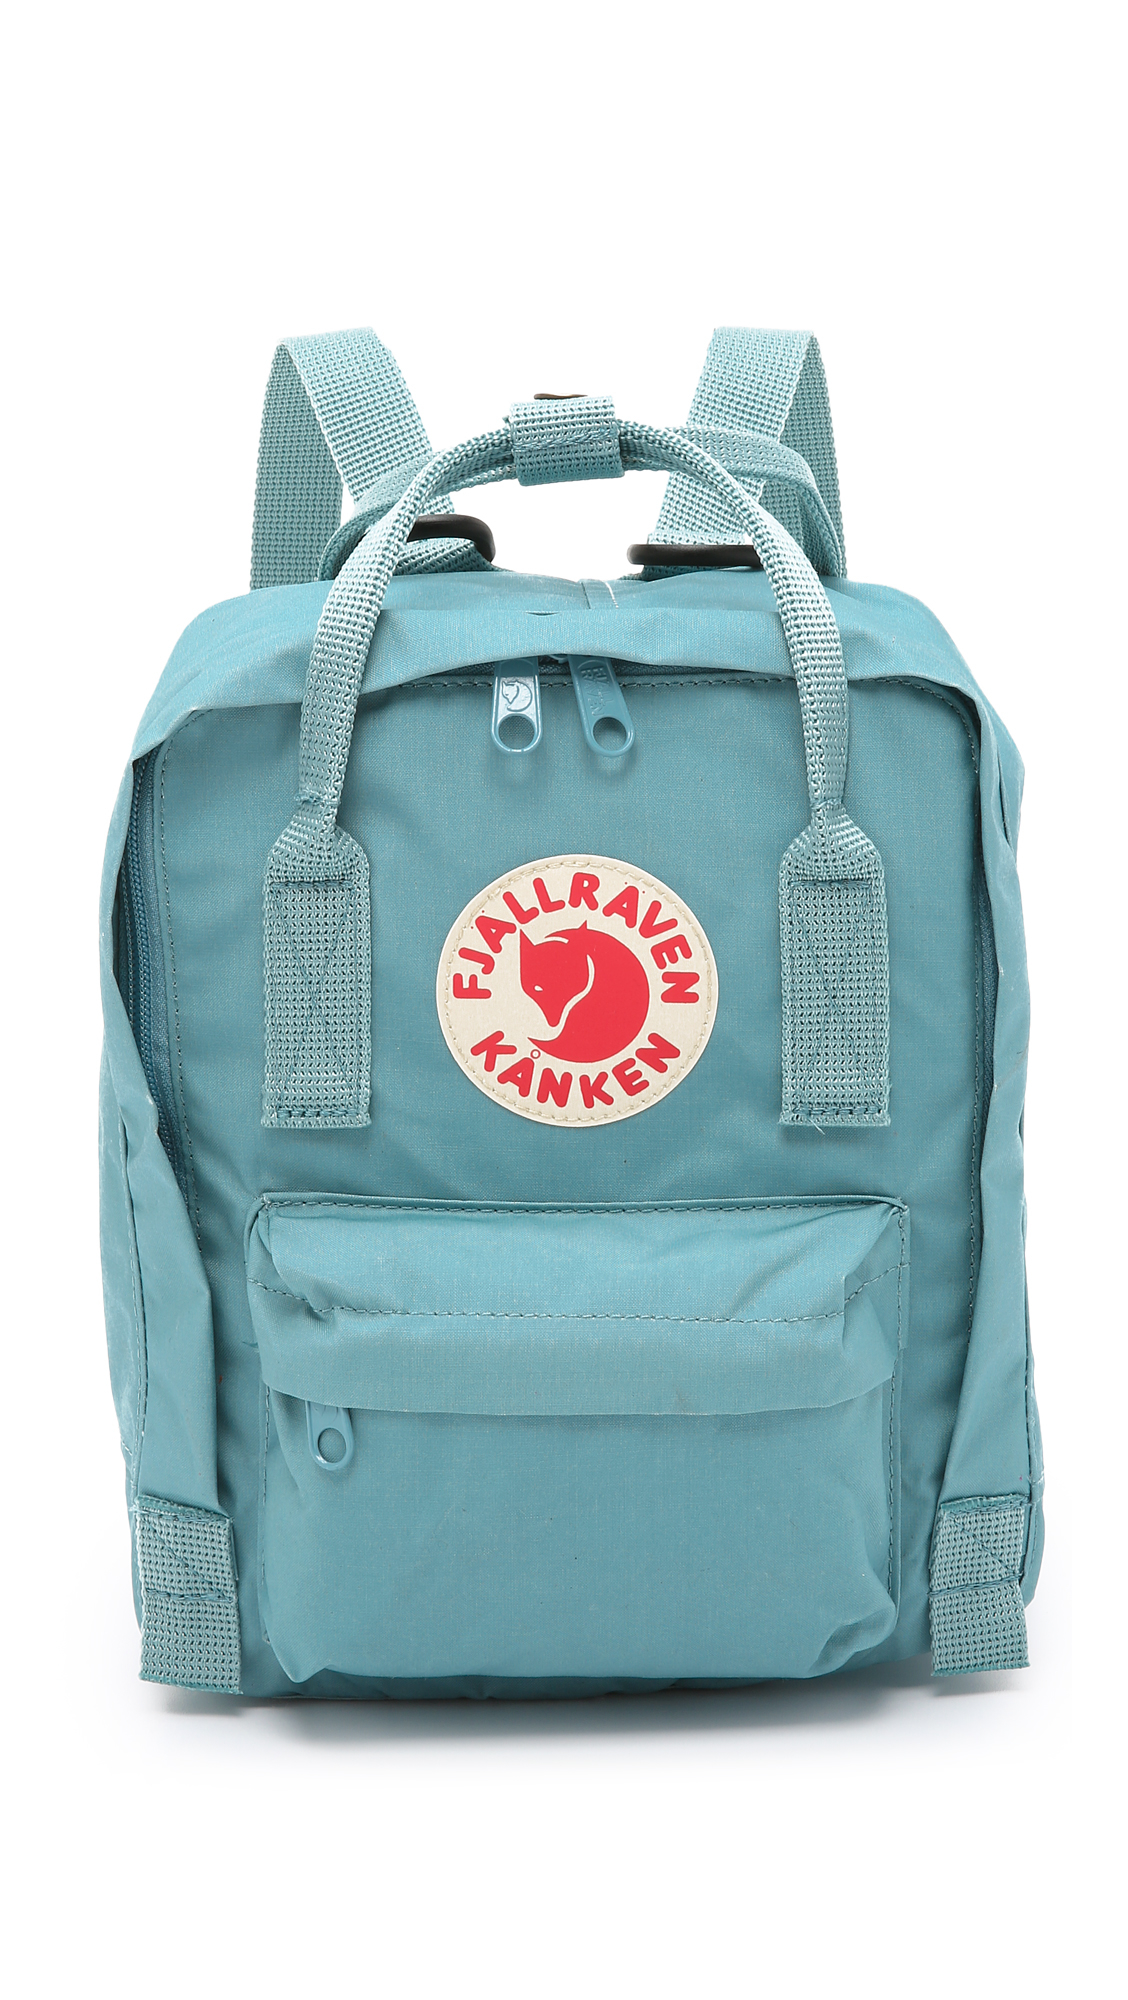 Fjallraven Kanken Mini Backpack in Blue